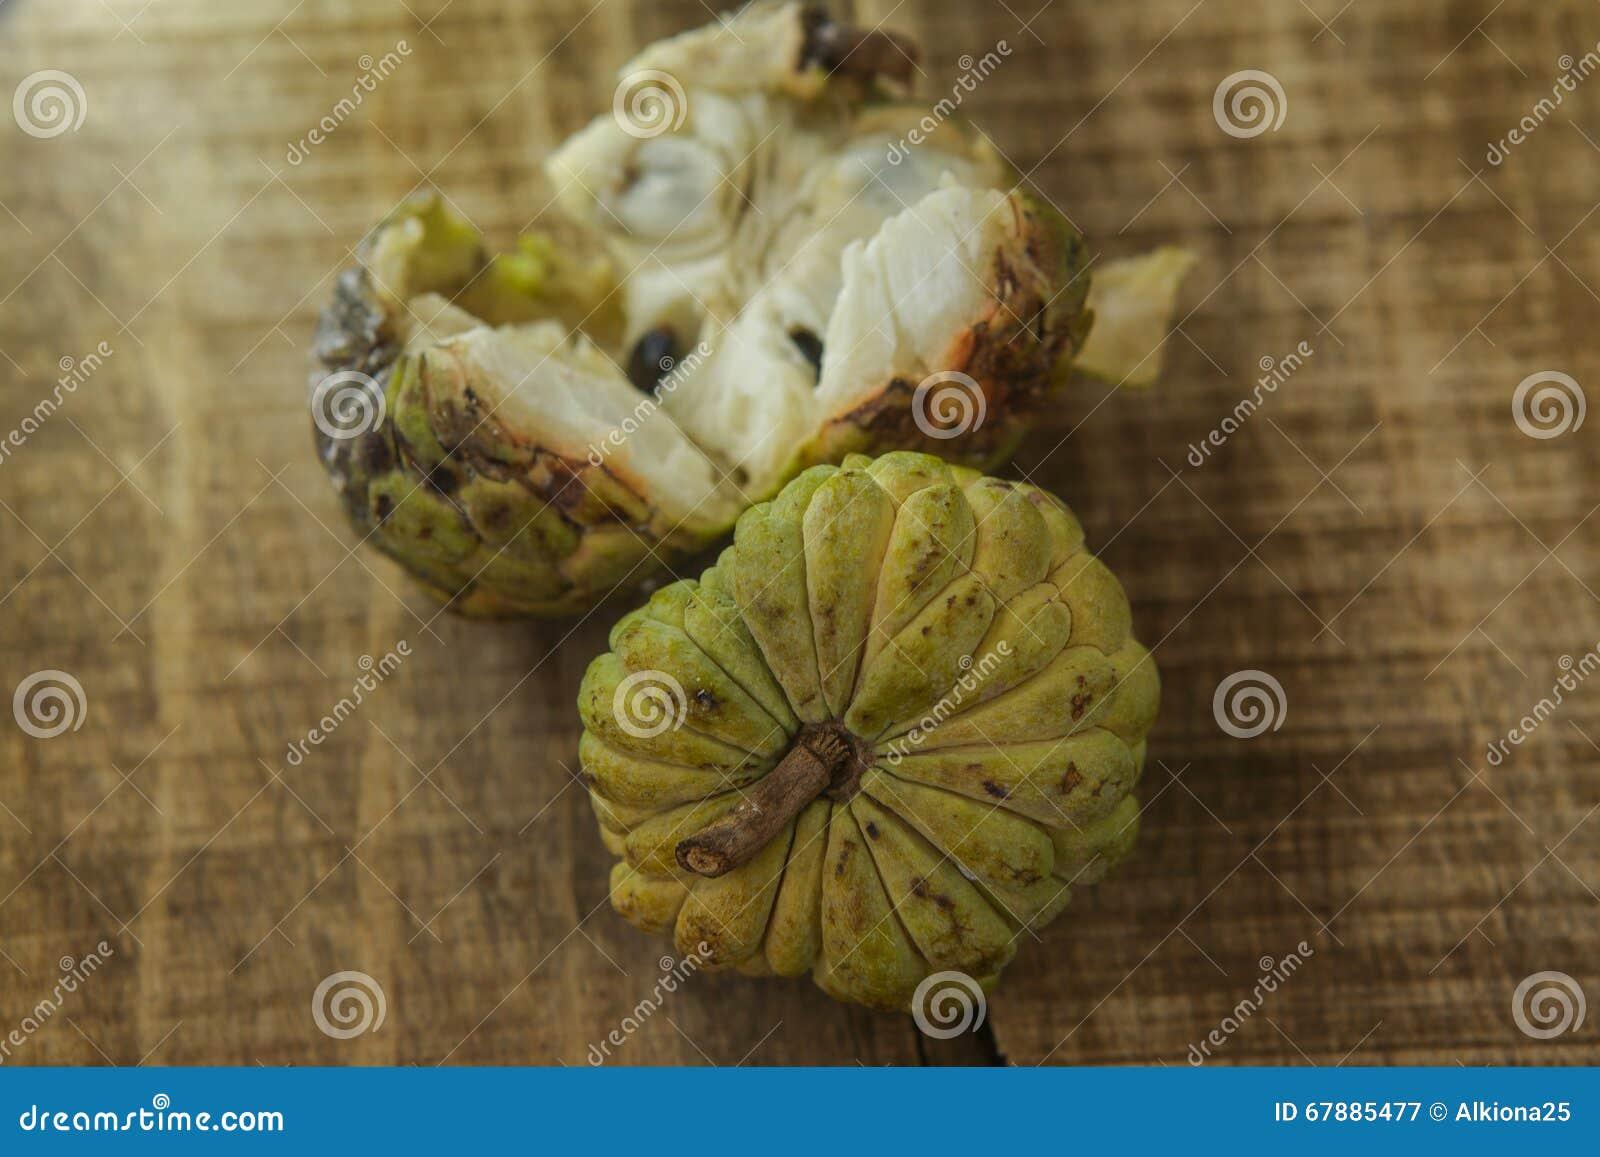 在表上的特写镜头打破的和原封成熟番荔枝